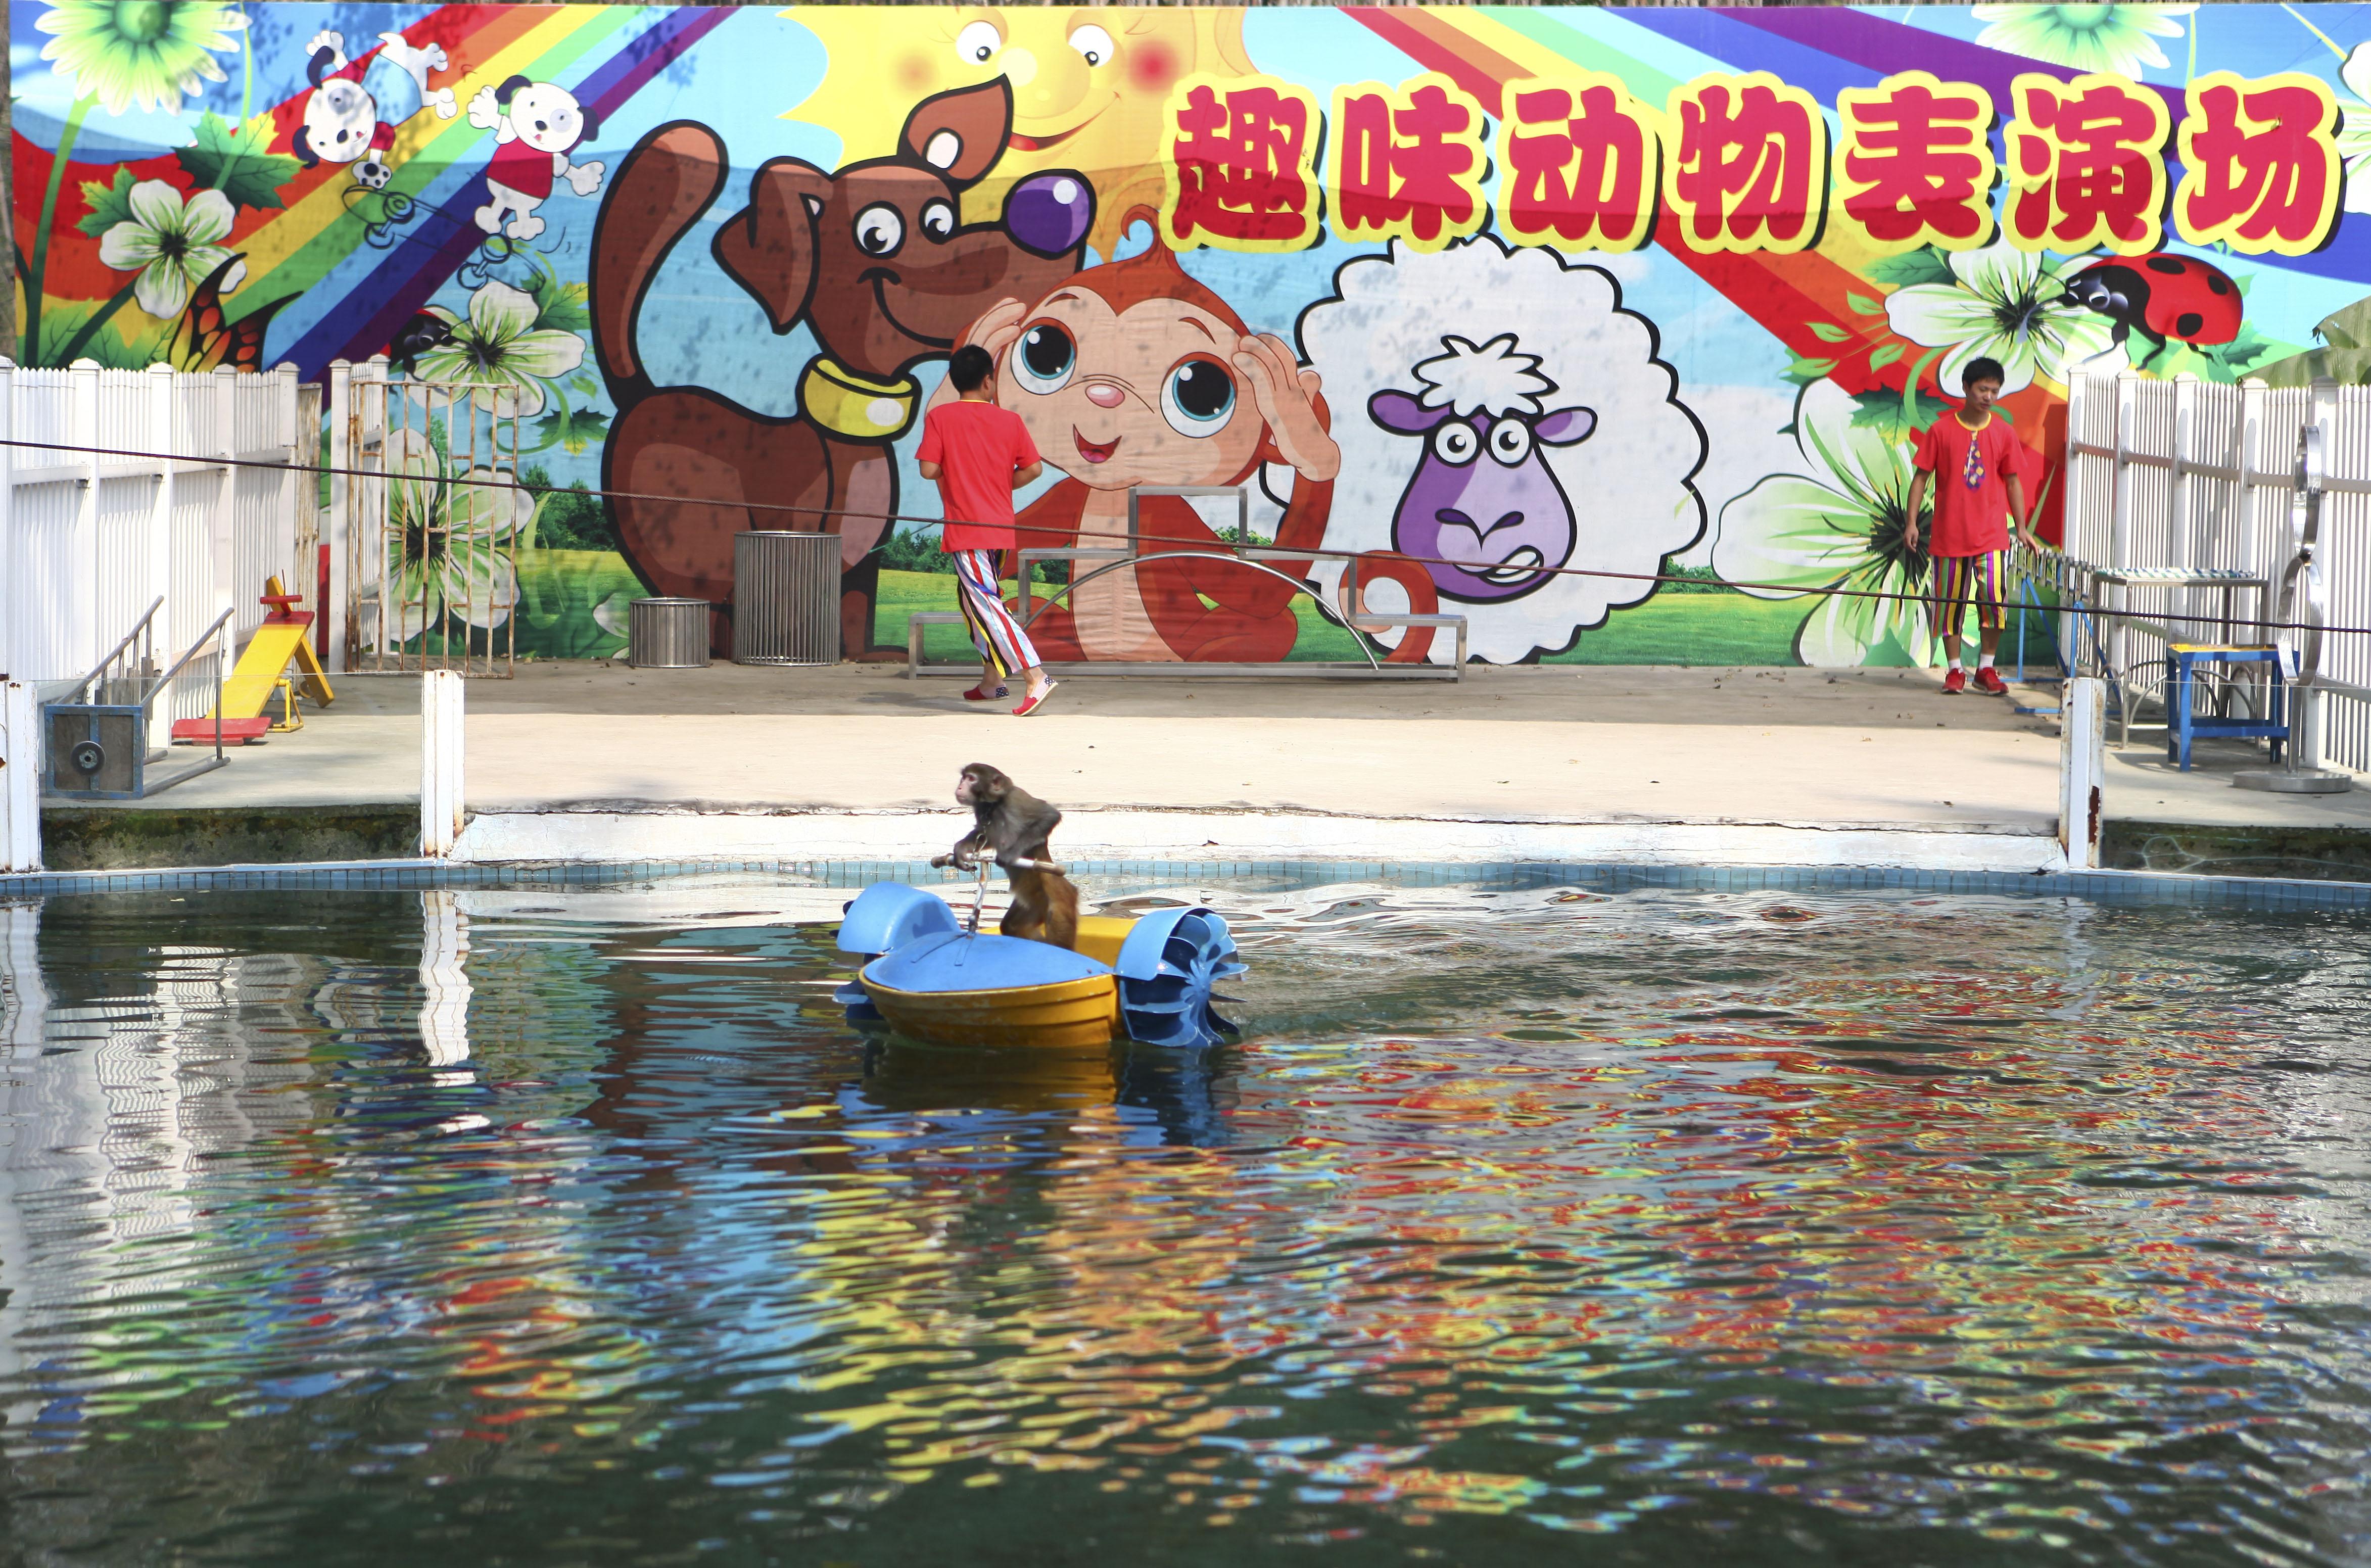 【美差】 我拍过北京野生动物园